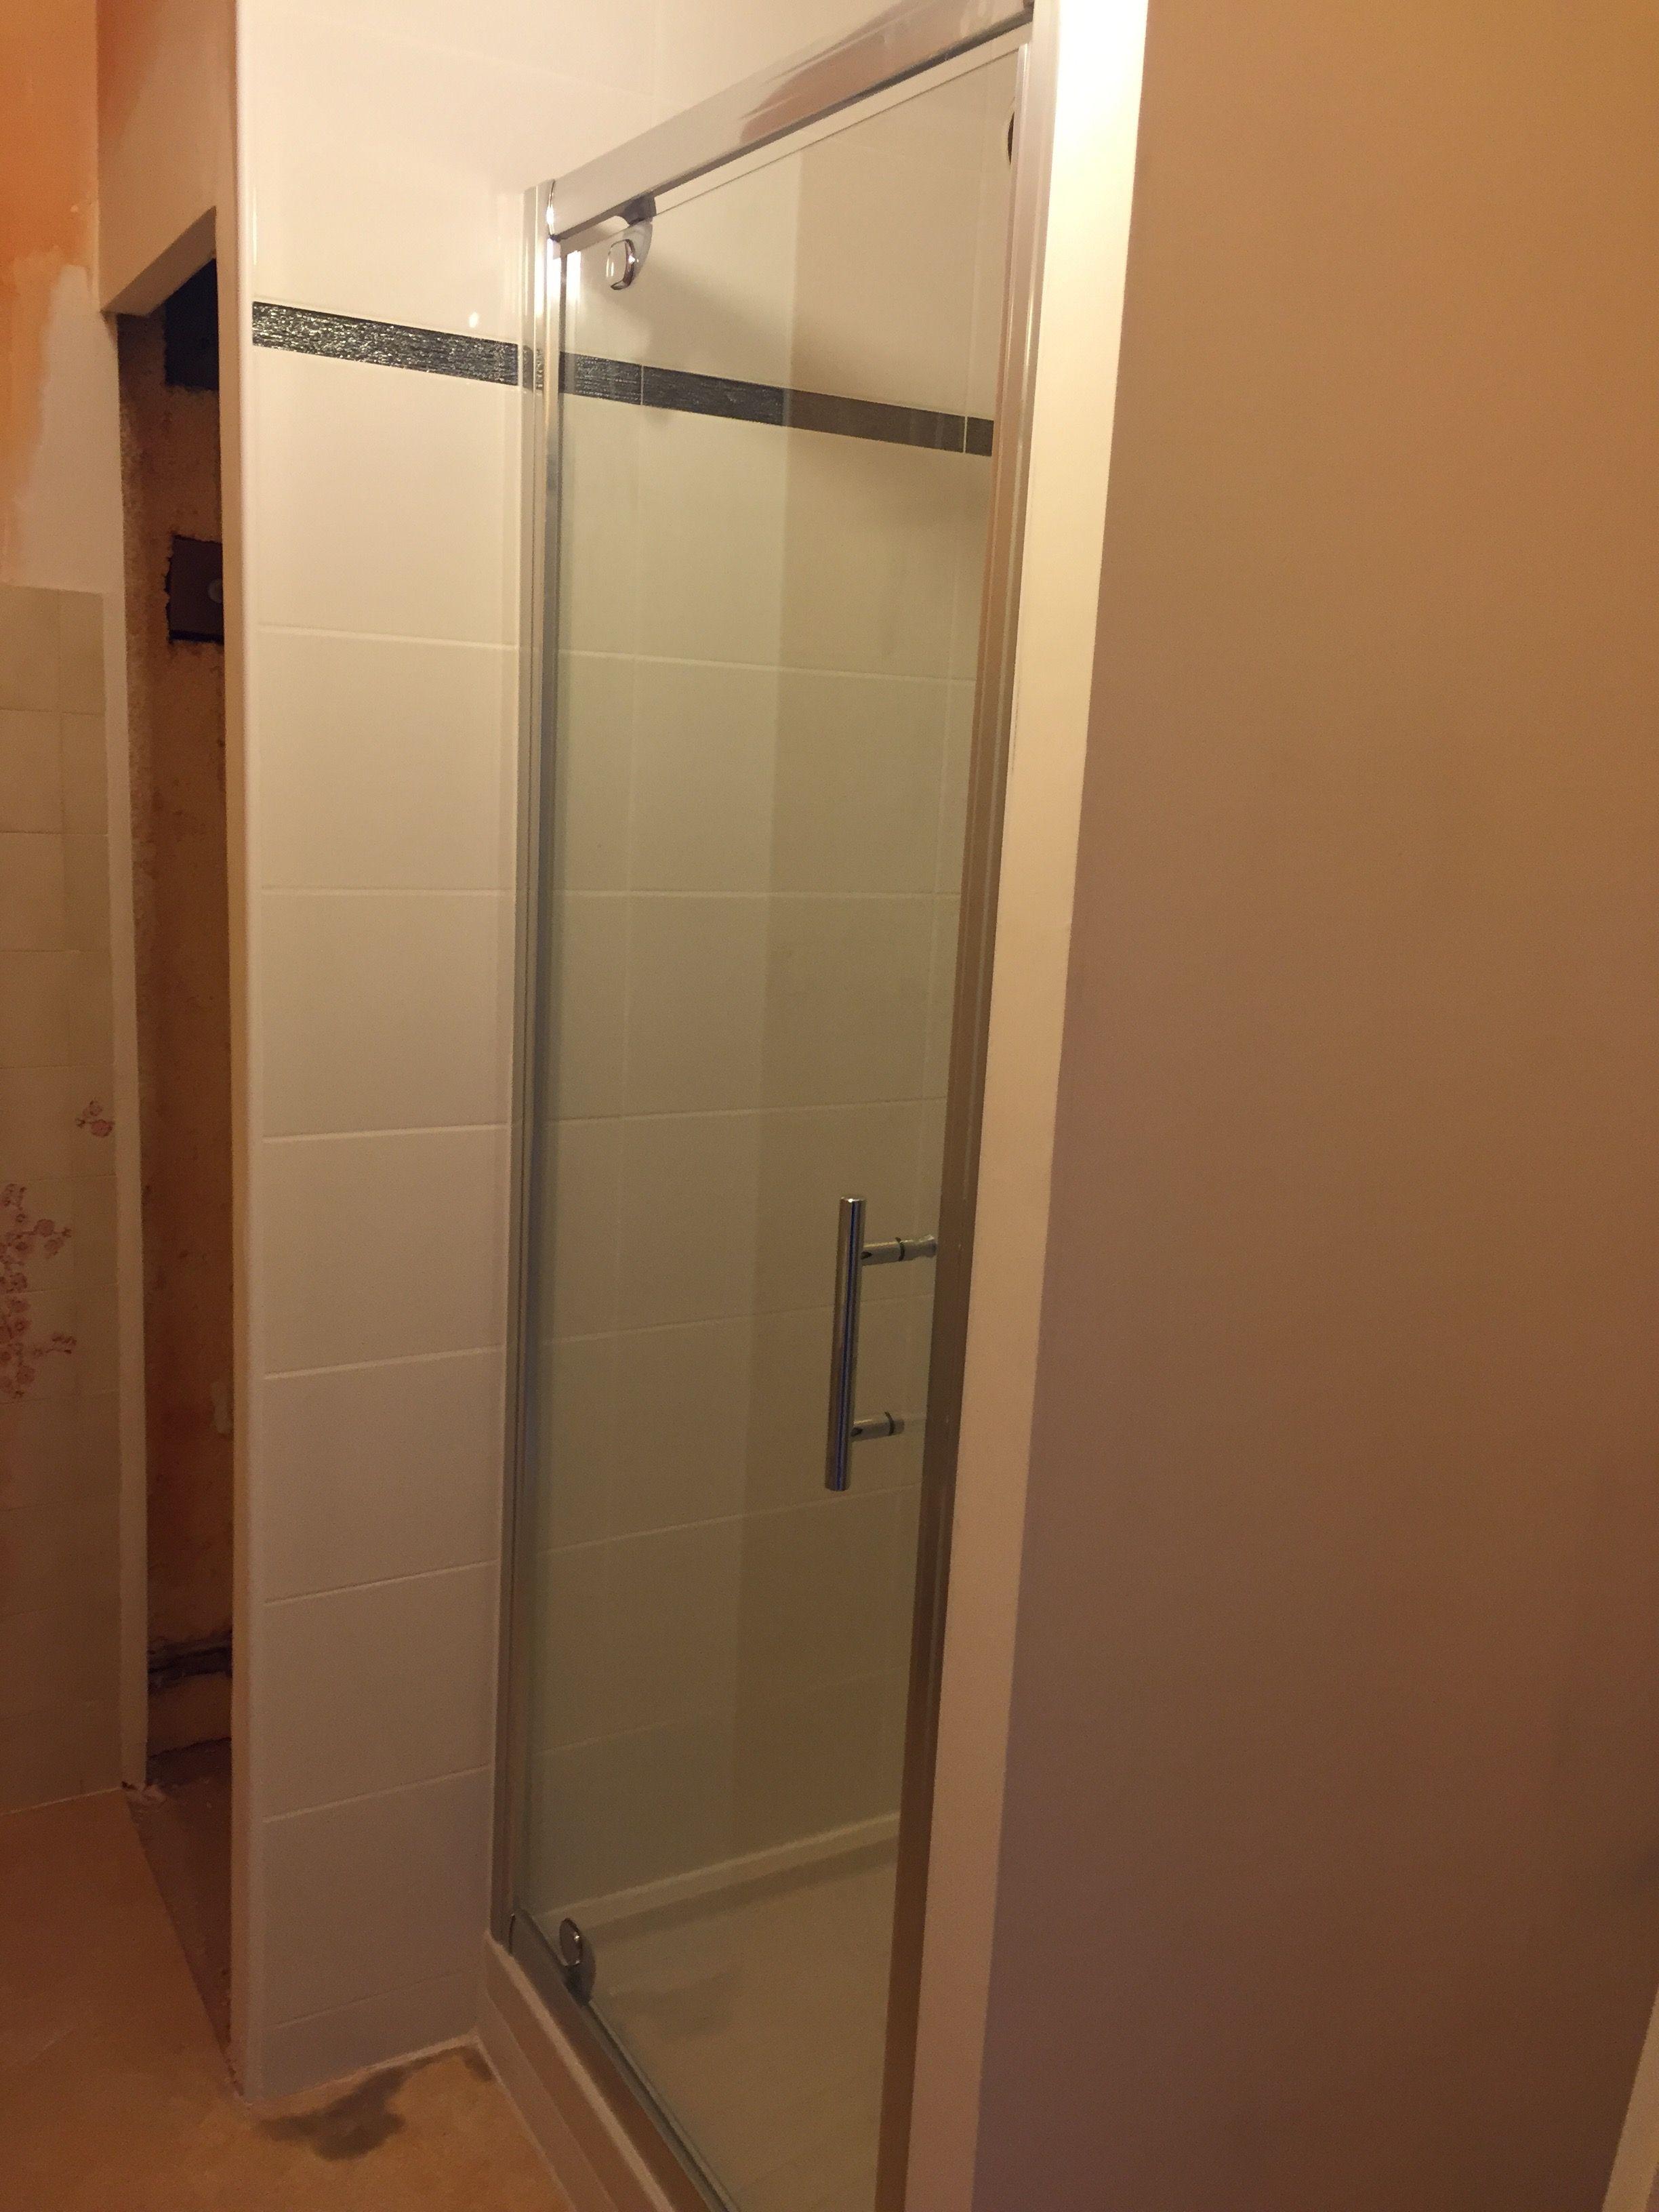 Cr ation d 39 une douche en remplacement d 39 une baignoire - Remplacement d une baignoire par une douche ...